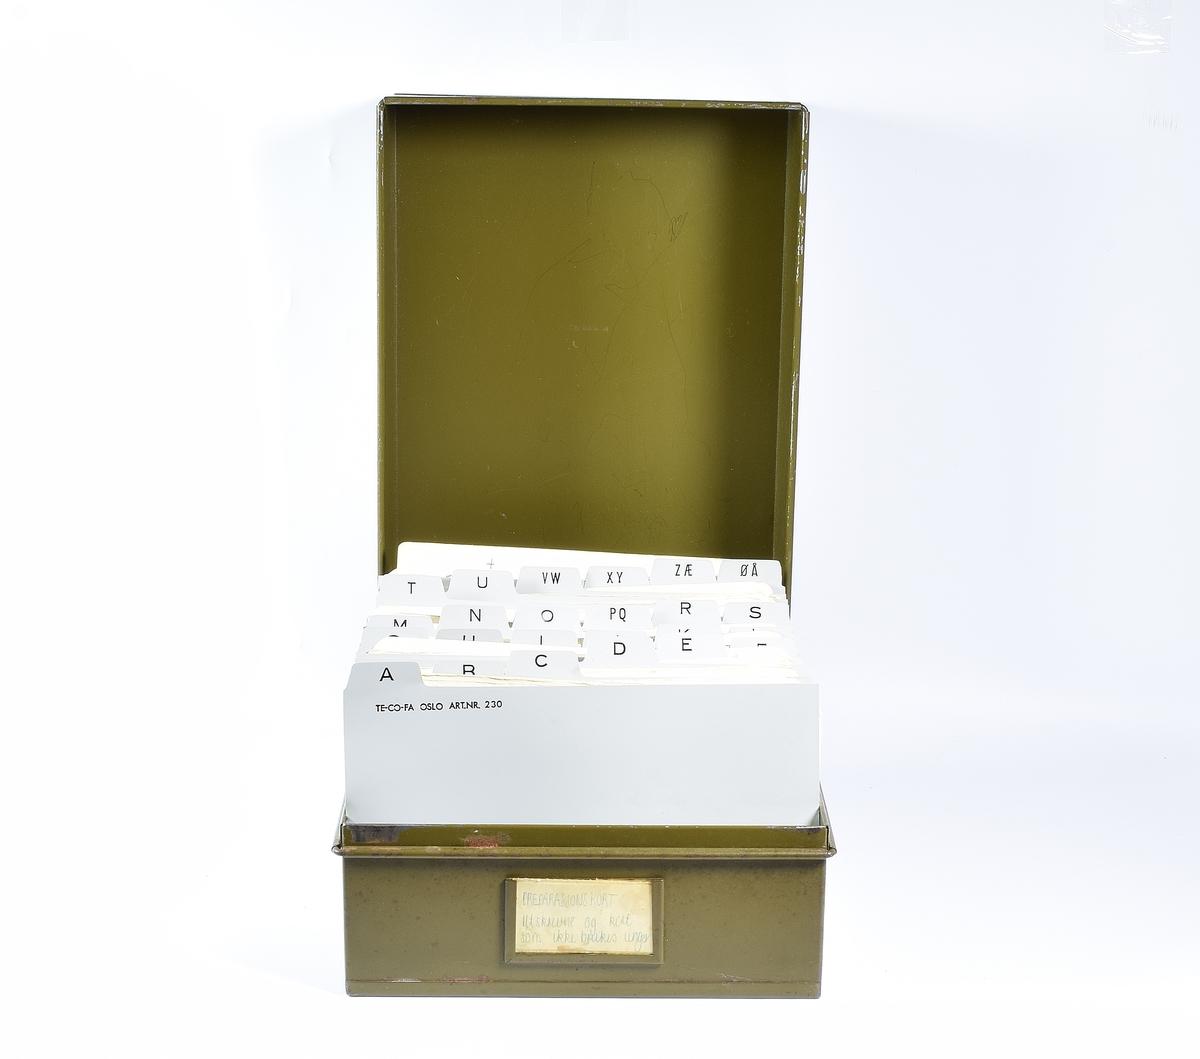 Grønn arkivboks i metall med kartotek med preparasjonskort for diverse legemidler og apotekprodukter. Kortene er skrevet på skrivemaskin og flere har handskrevne tilføyelser. Kortene er katagorisert alfabetisk fra A til Å og er skilt med skilleark i grå plast.